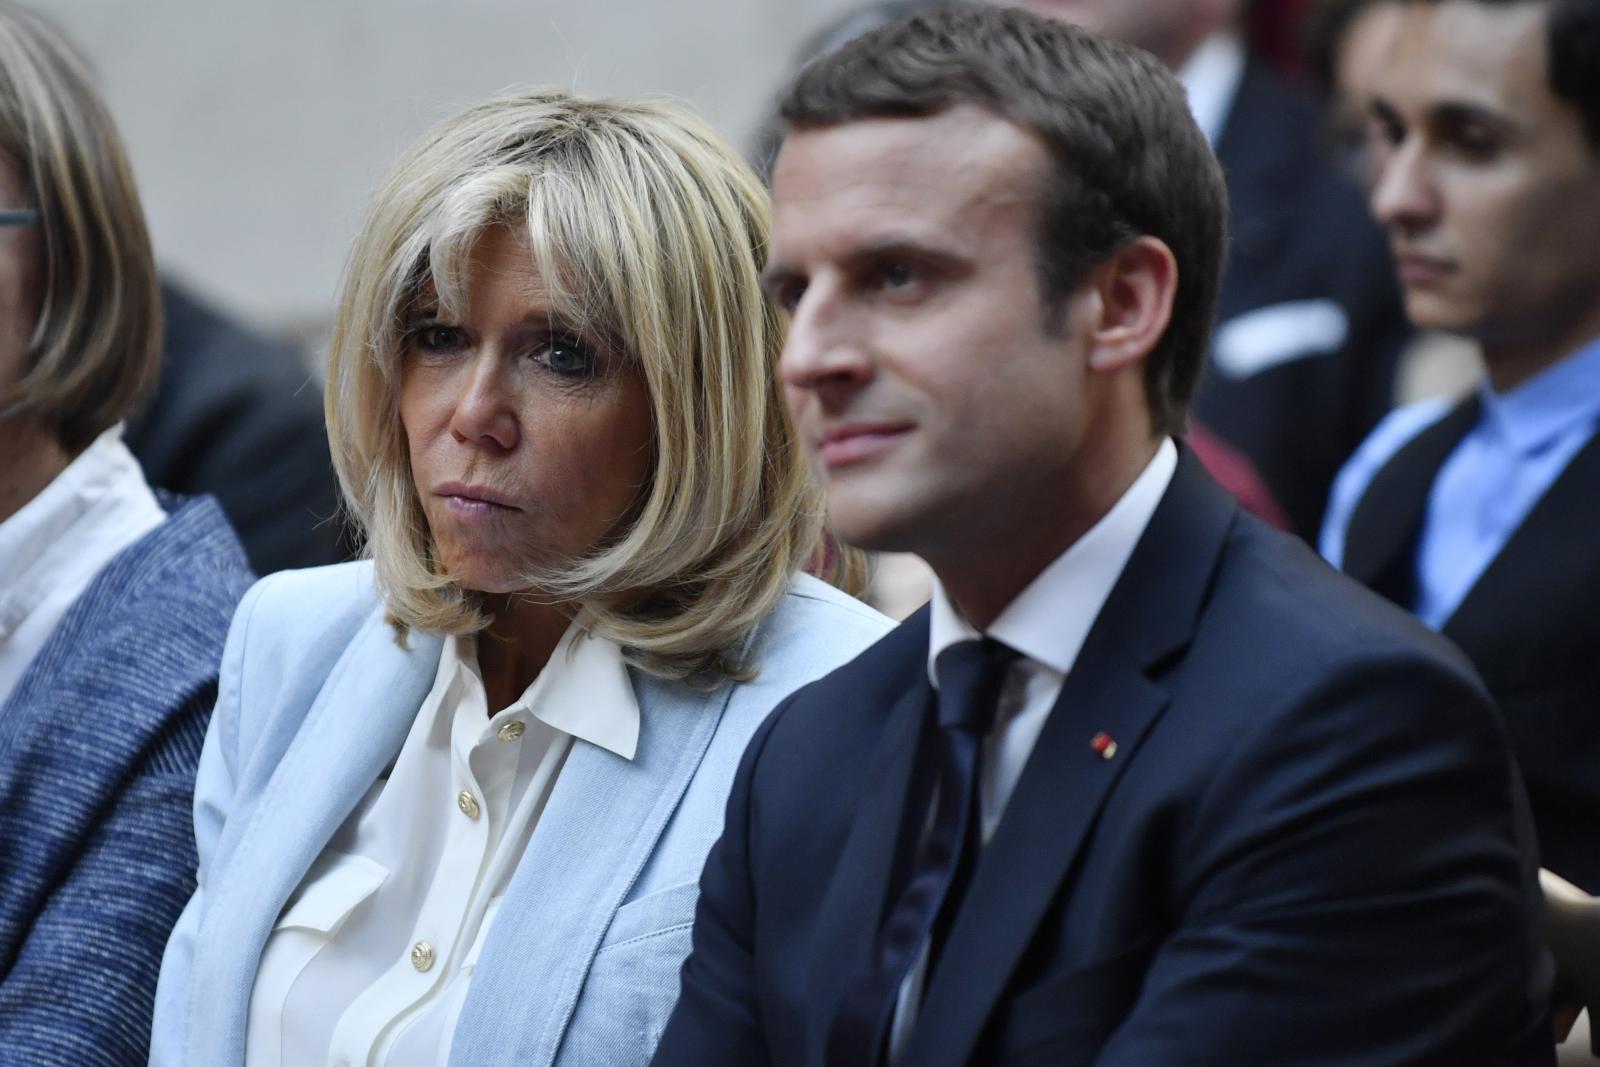 """ชาวฝรั่งเศสล่ารายชื่อคัดค้านนางมาครงเป็น """"สตรีหมายเลข 1"""""""